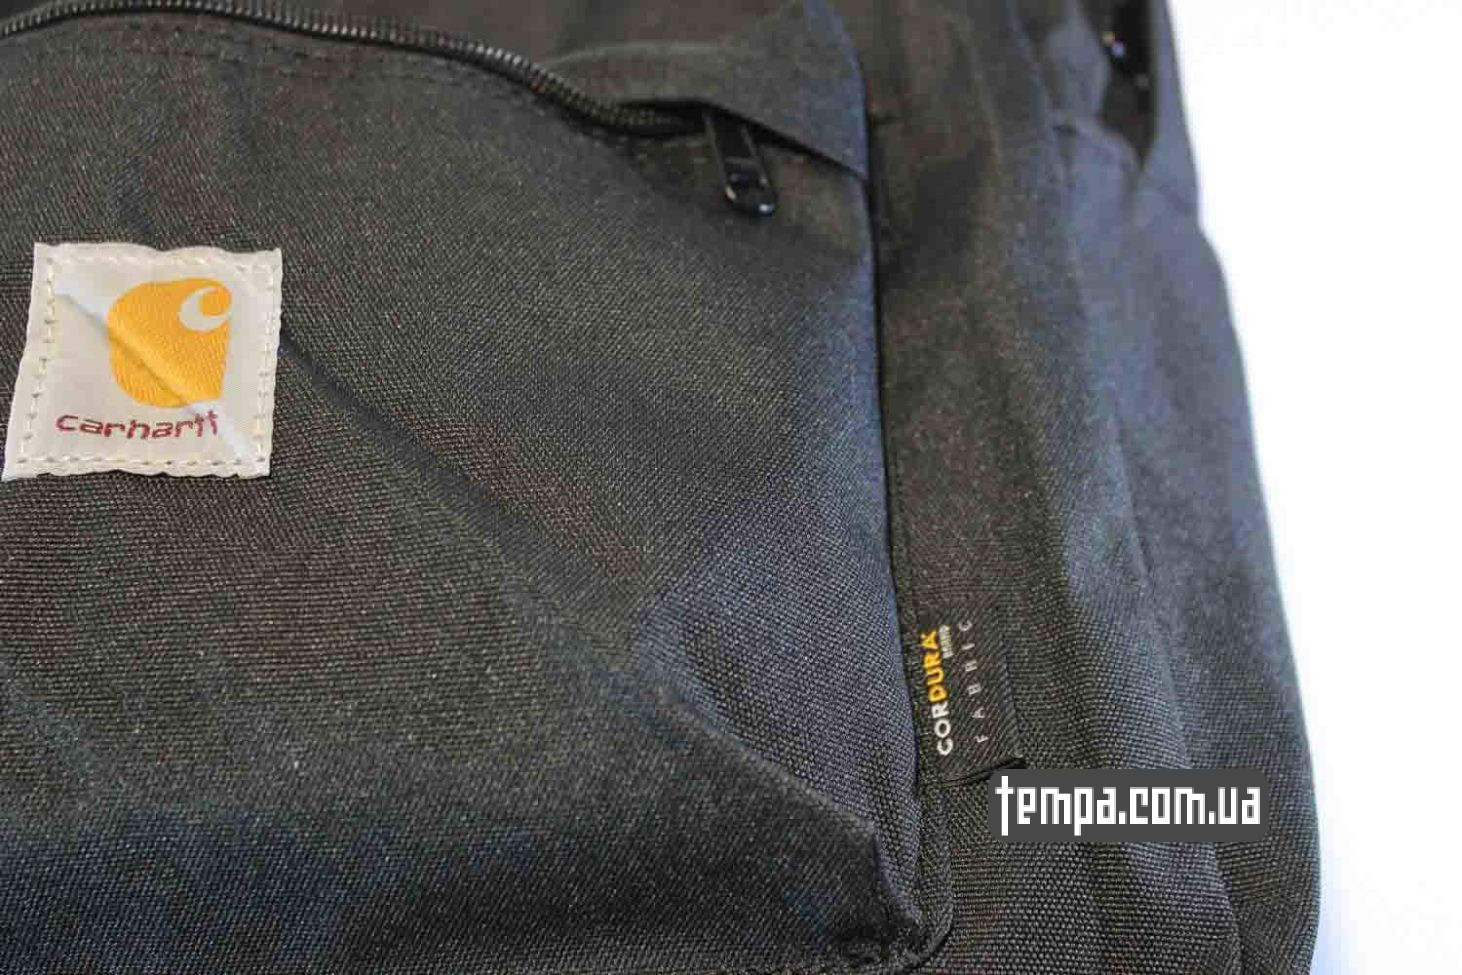 магазин carhartt официальный рюкзак Carhartt black backback черный купить Украина